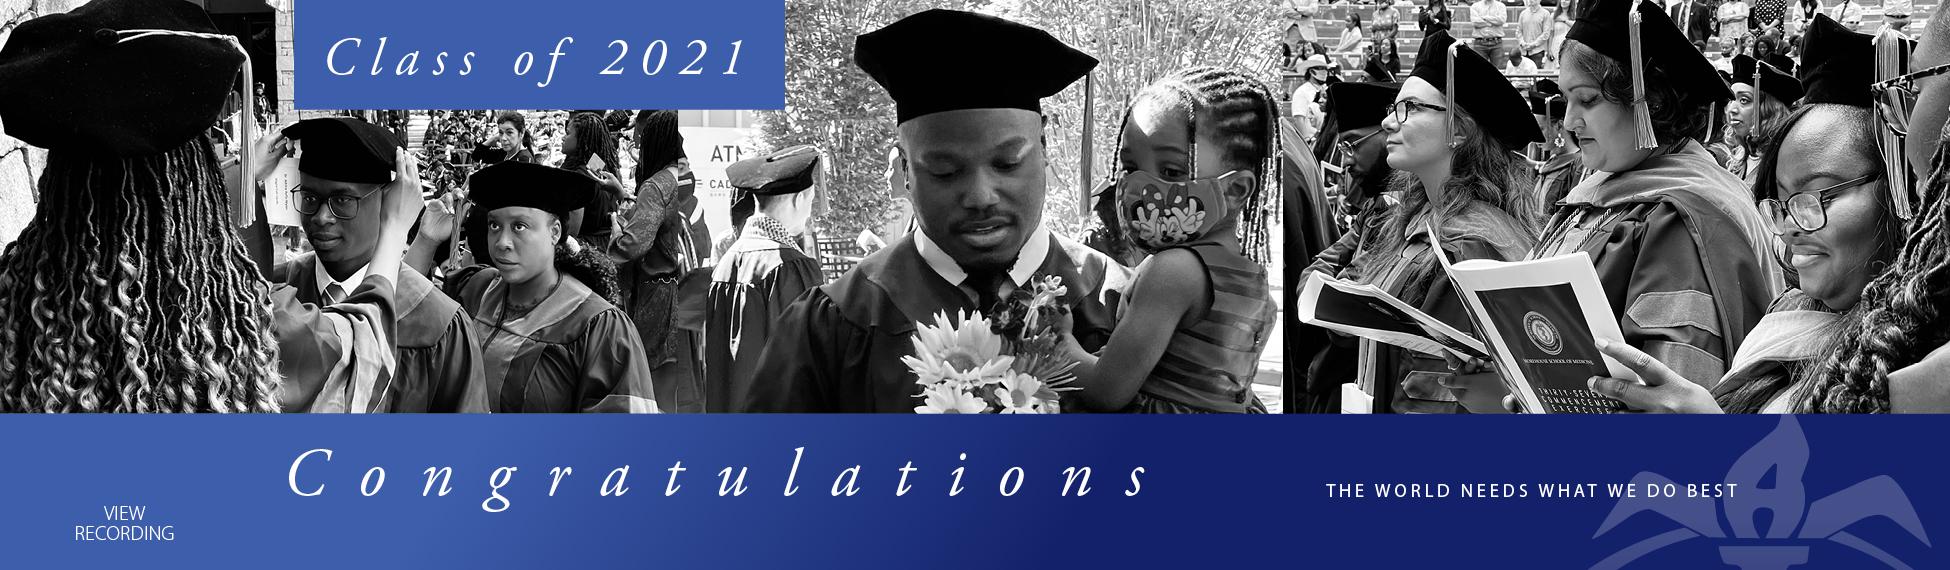 Commencement 2021 - Graduate Congrats